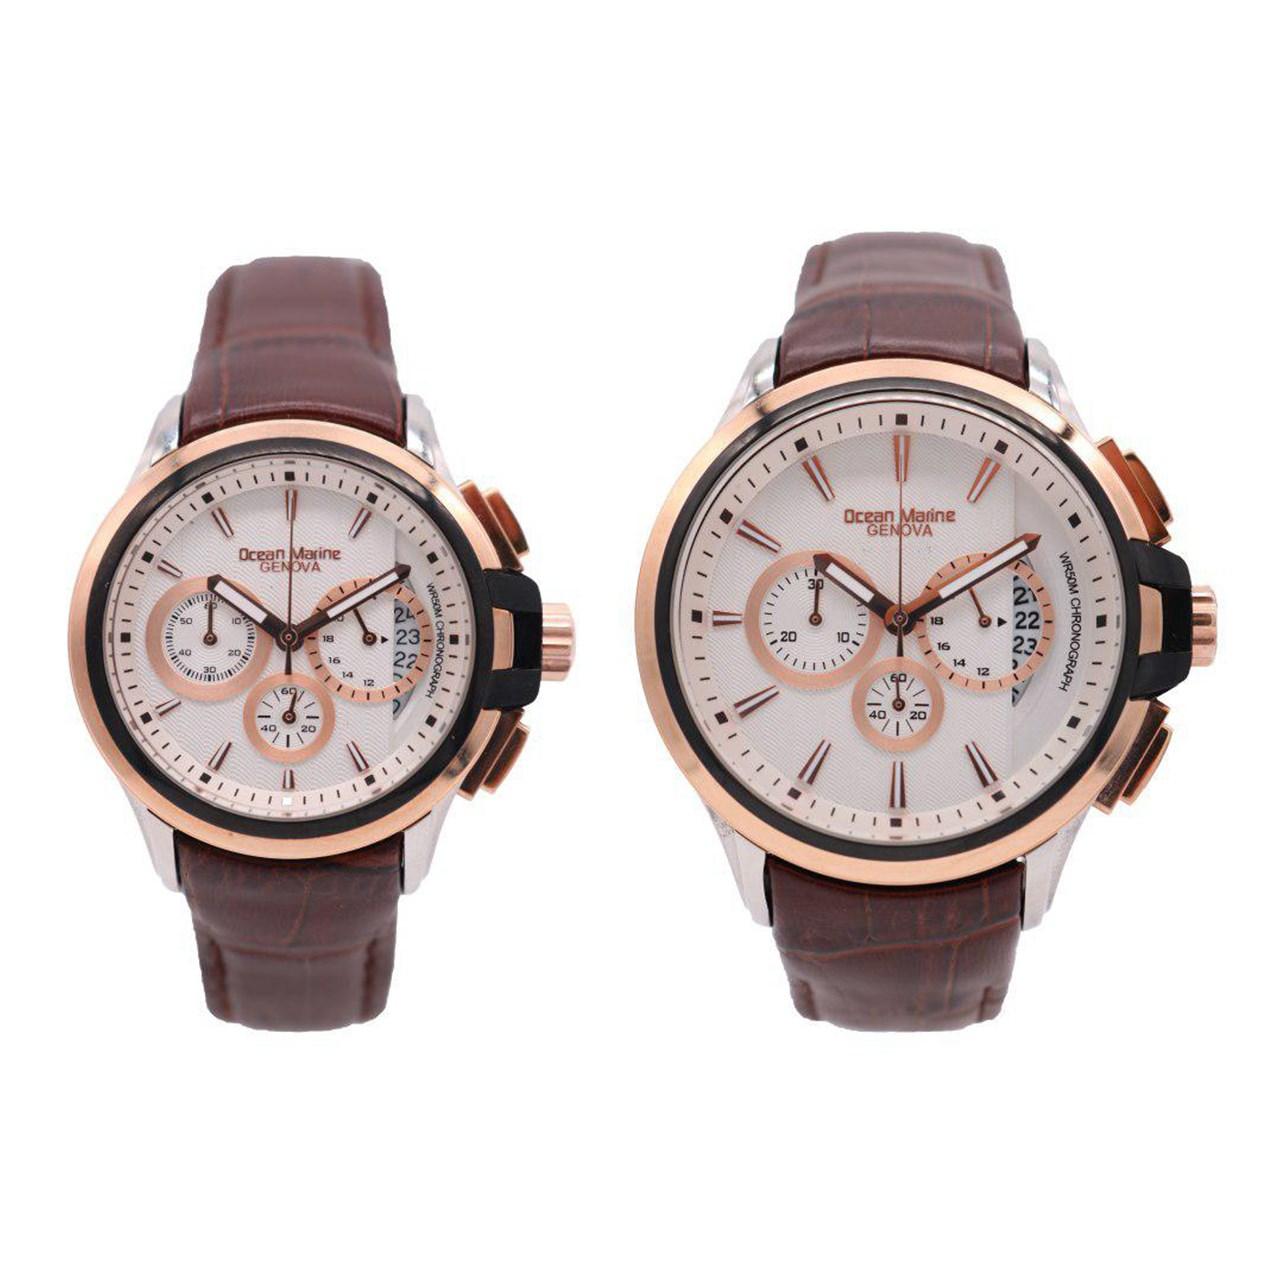 ساعت ست مردانه و زنانه اوشن مارین مدل Z-318Ga3 و Z-318La3